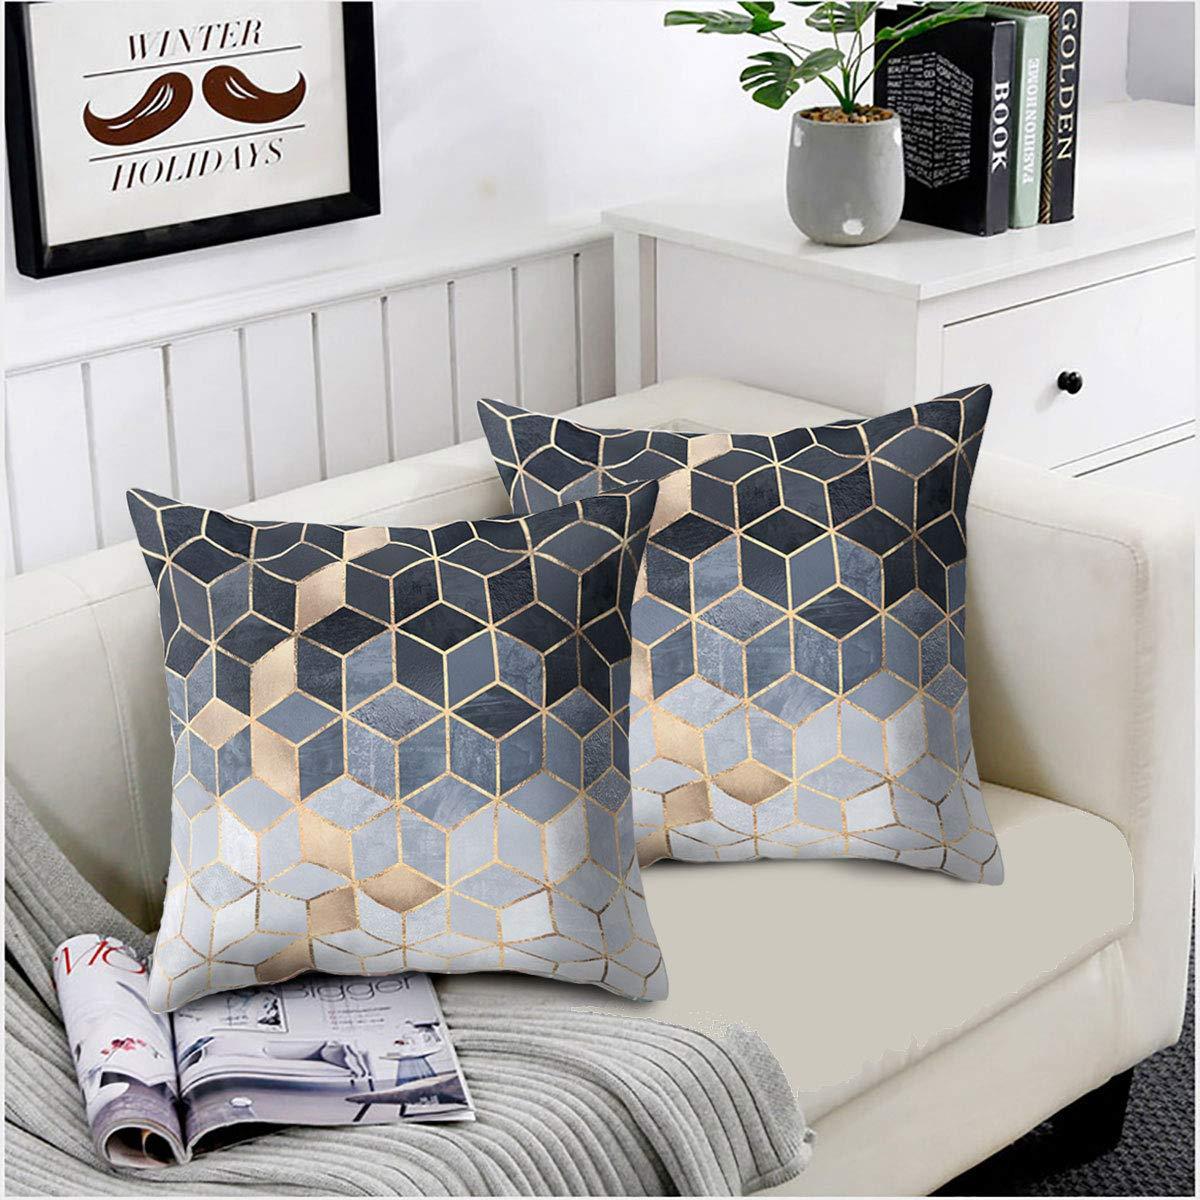 Amazon.com: Convallaria - Juego de 2 fundas de almohada para ...